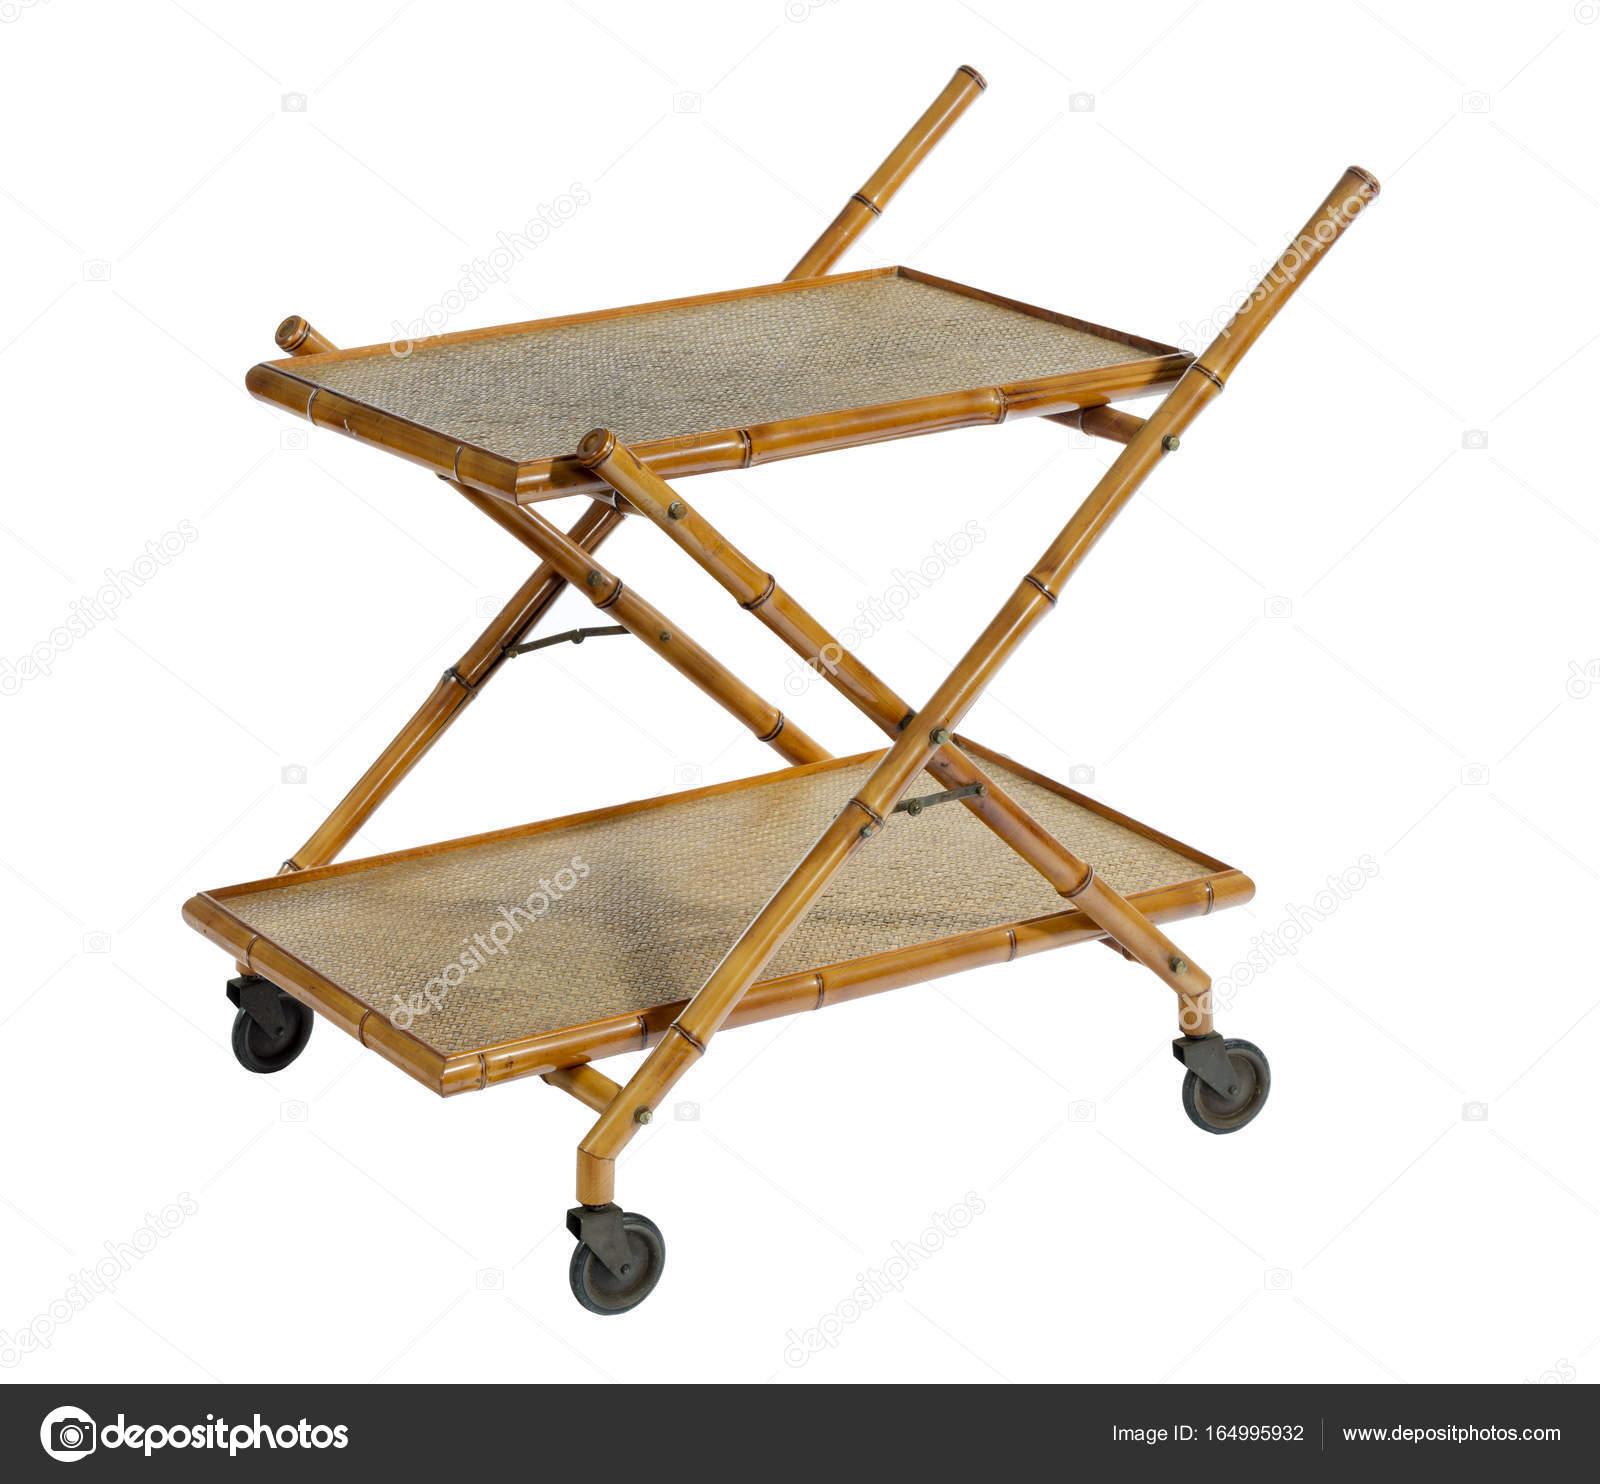 старые старинные сервировочный столик на колёсах для пищи